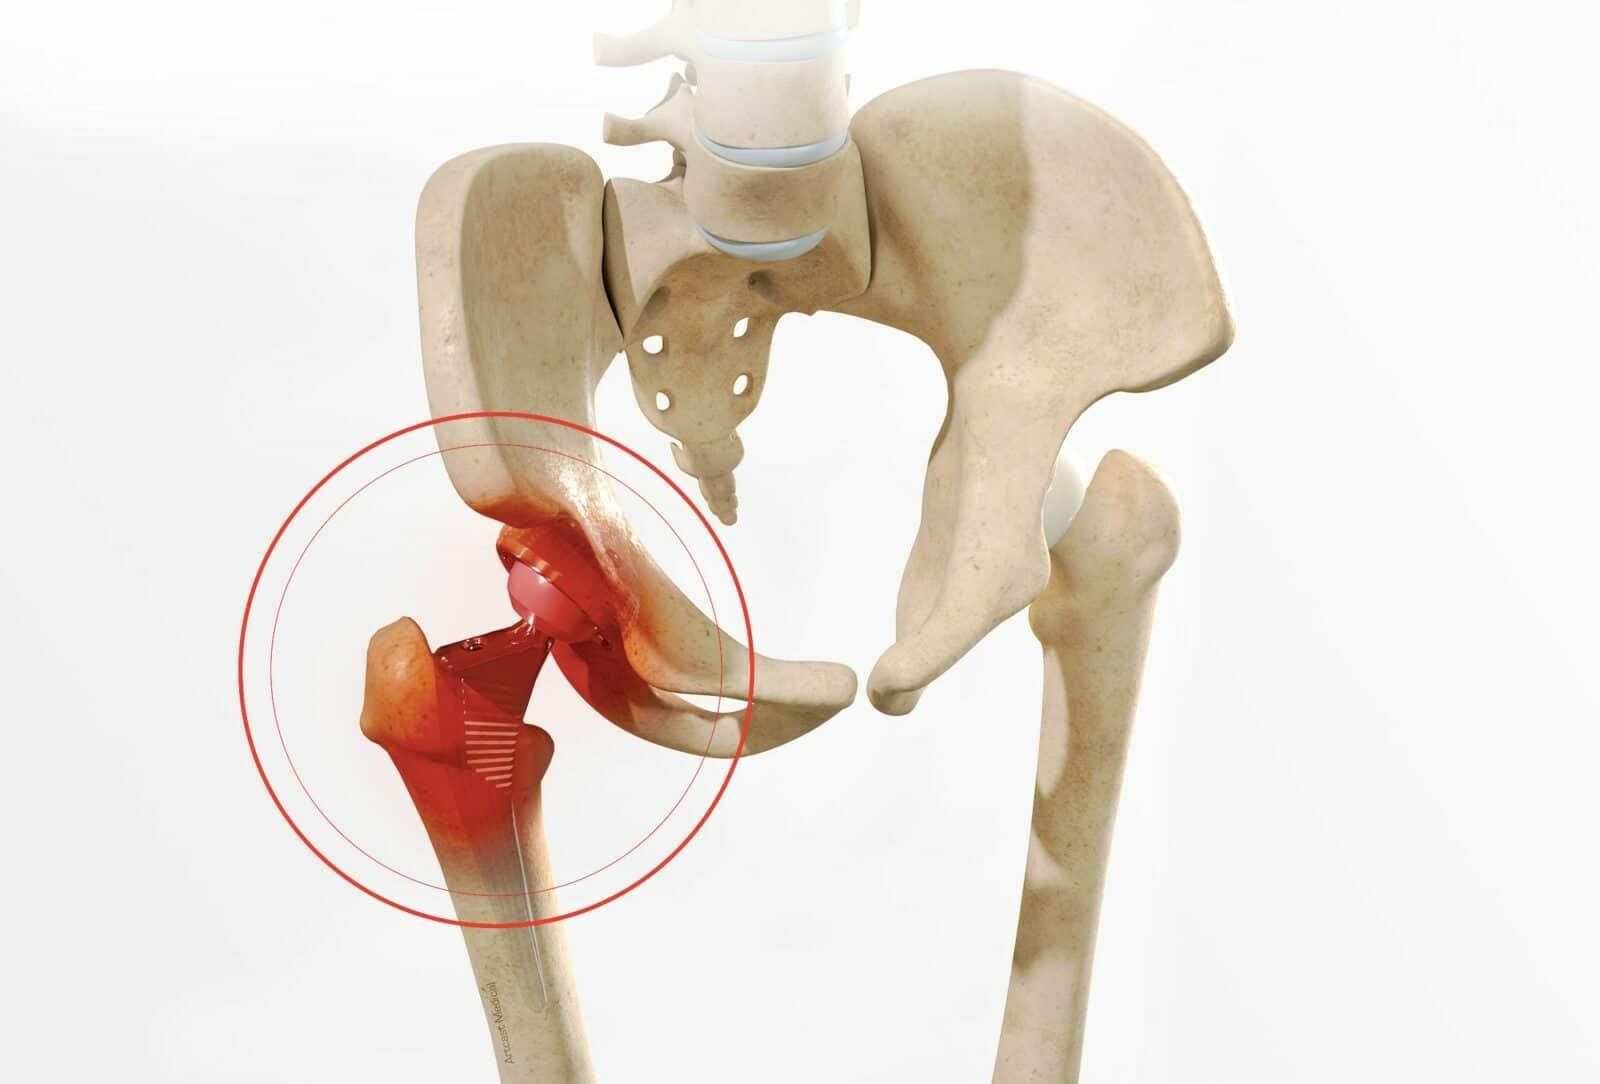 Chirurgie de la hanche à Paris: Reprise de prothèse de hanche - dr Paillard